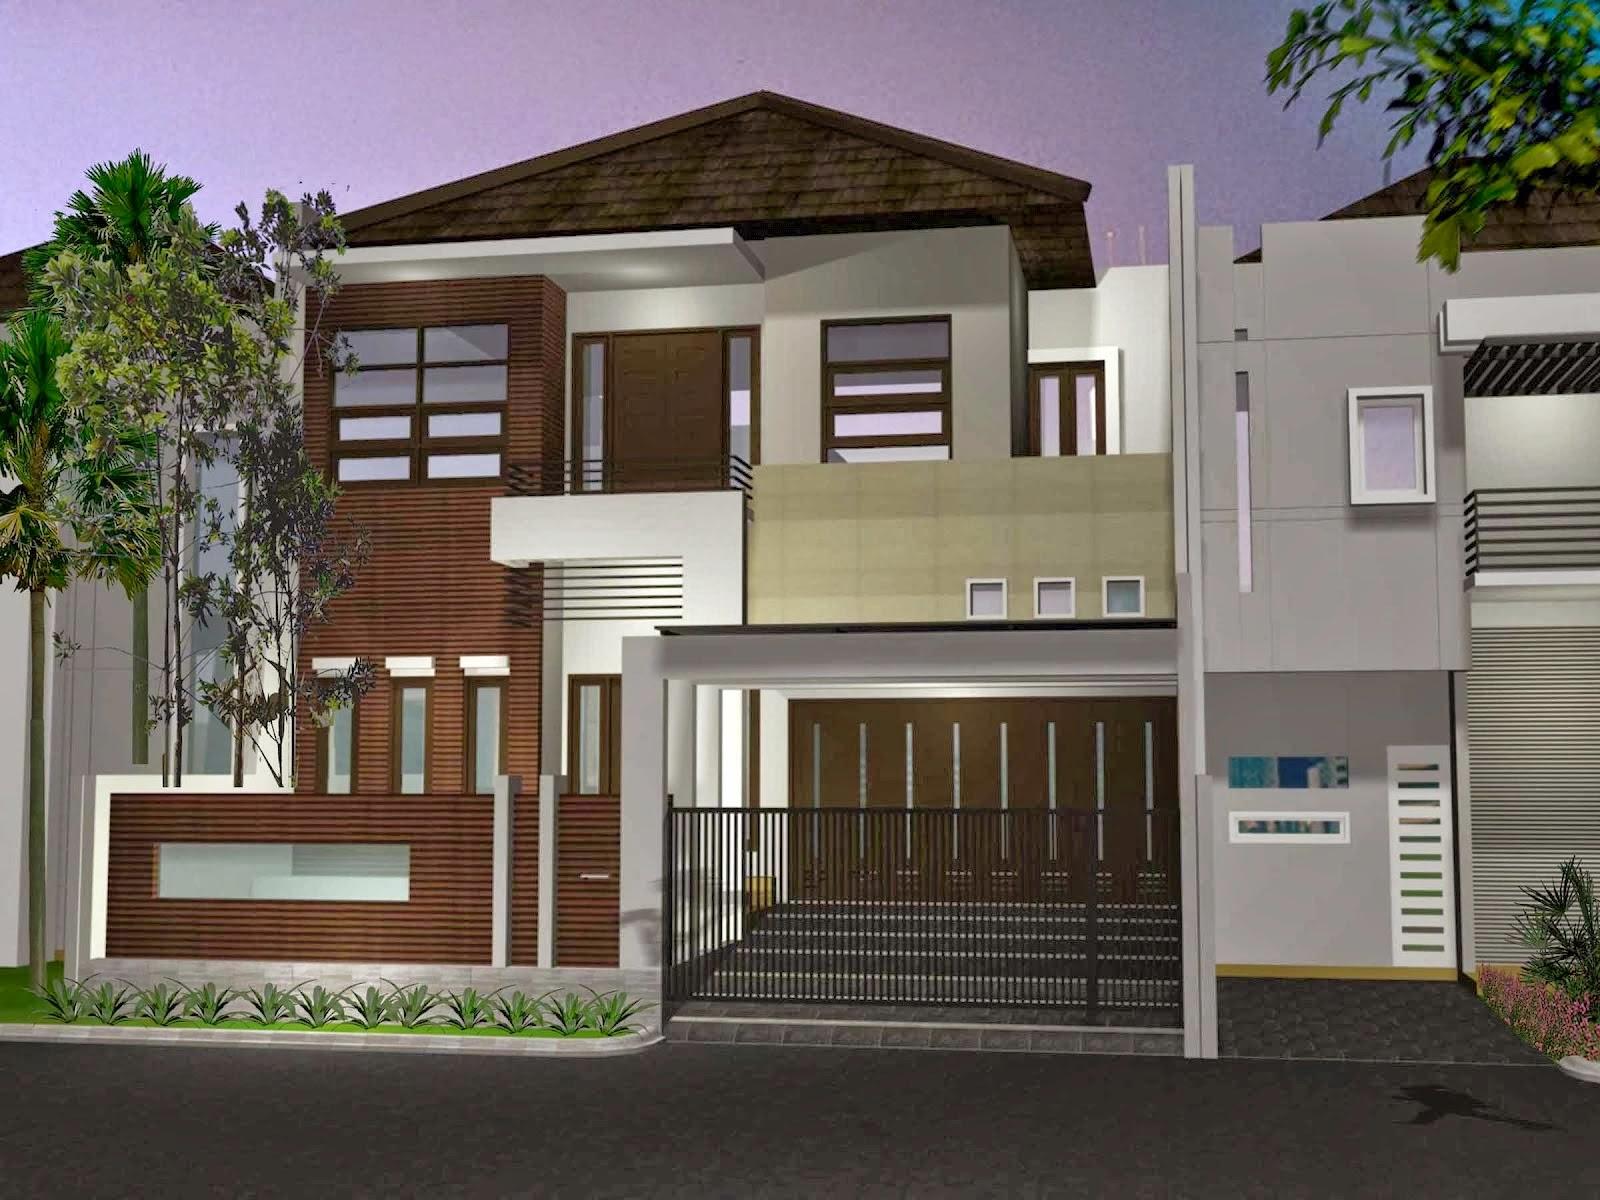 Inilah Contoh Desain Rumah Modern Tipe 88 Terbaru Full Woods